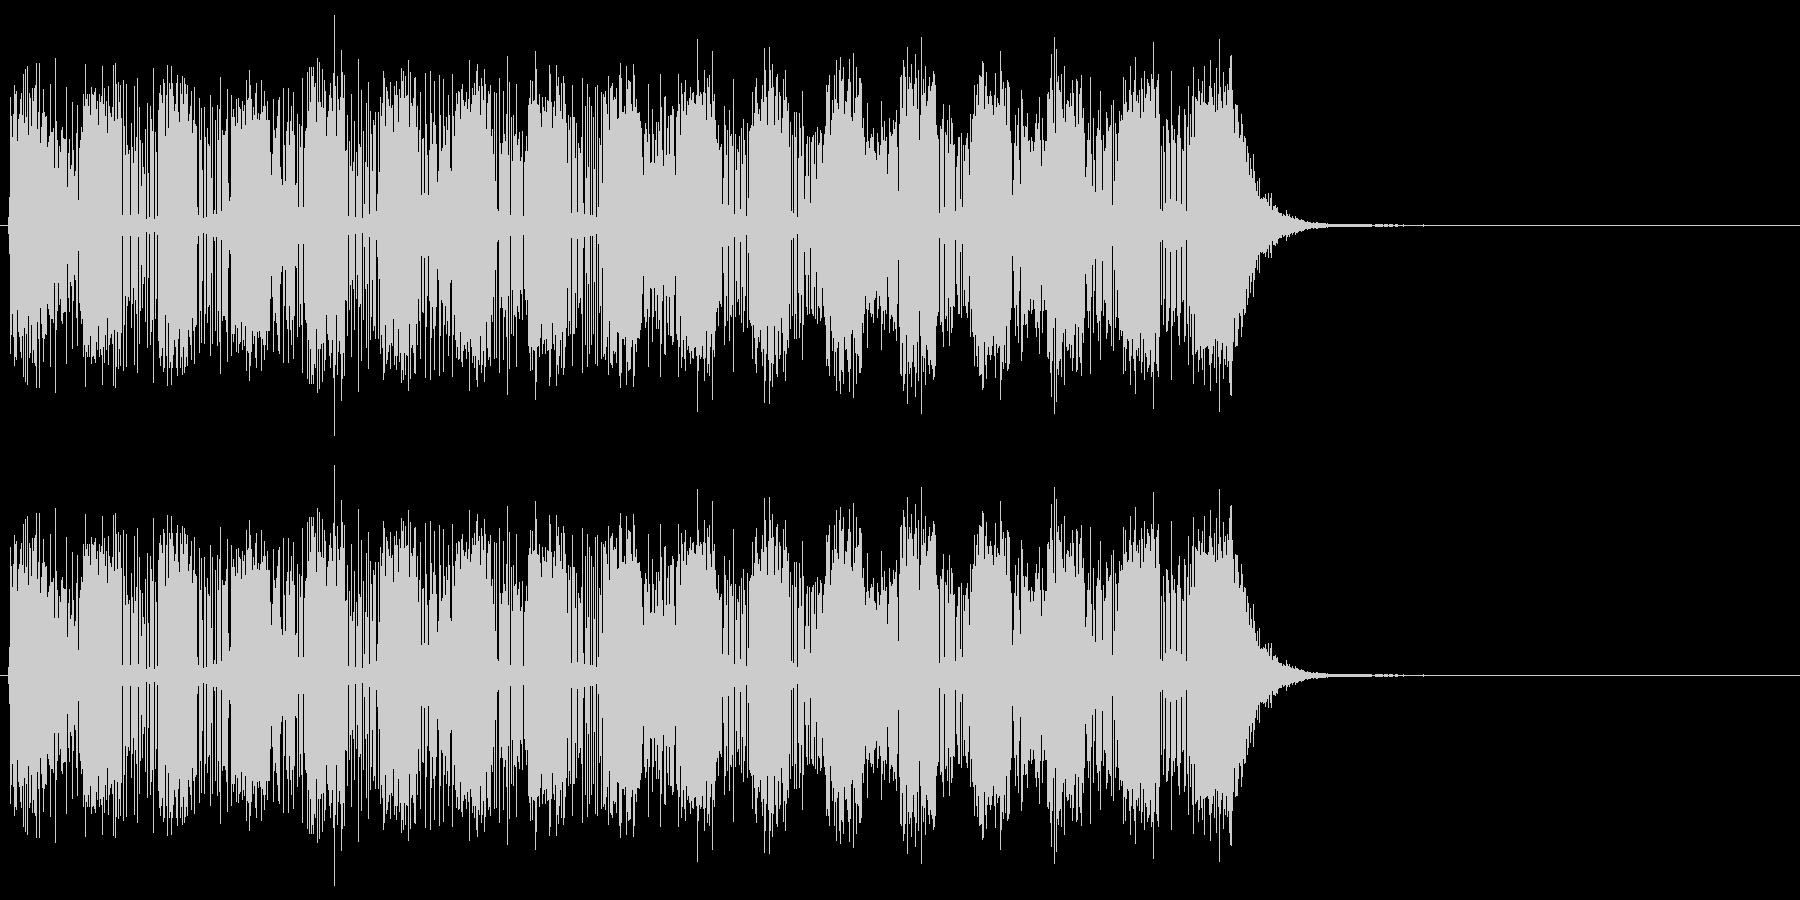 ドクドクドクドクドクとエネルギーが充填…の未再生の波形